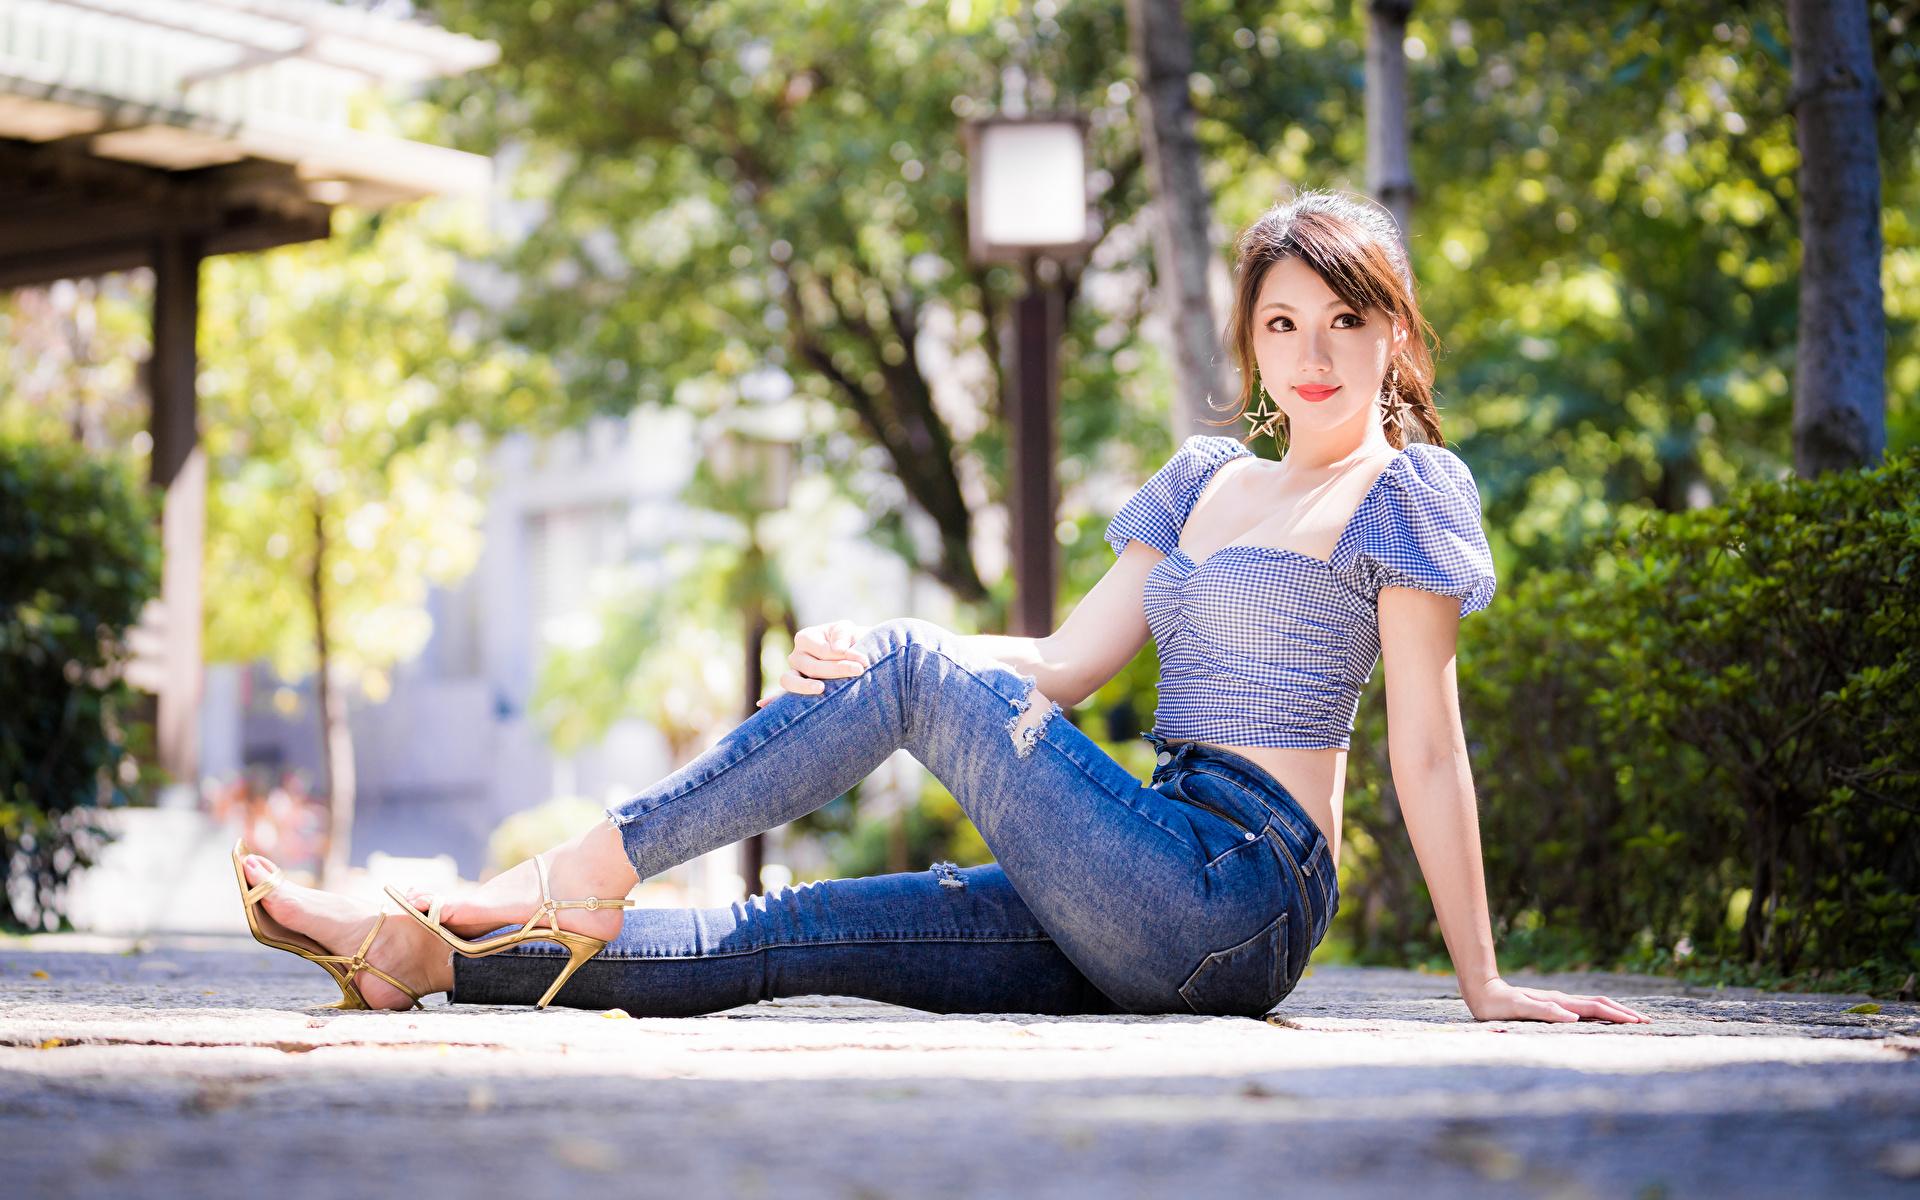 Bilder von Bluse Mädchens Jeans Asiatische sitzt Blick 1920x1200 junge frau junge Frauen Asiaten asiatisches sitzen Sitzend Starren